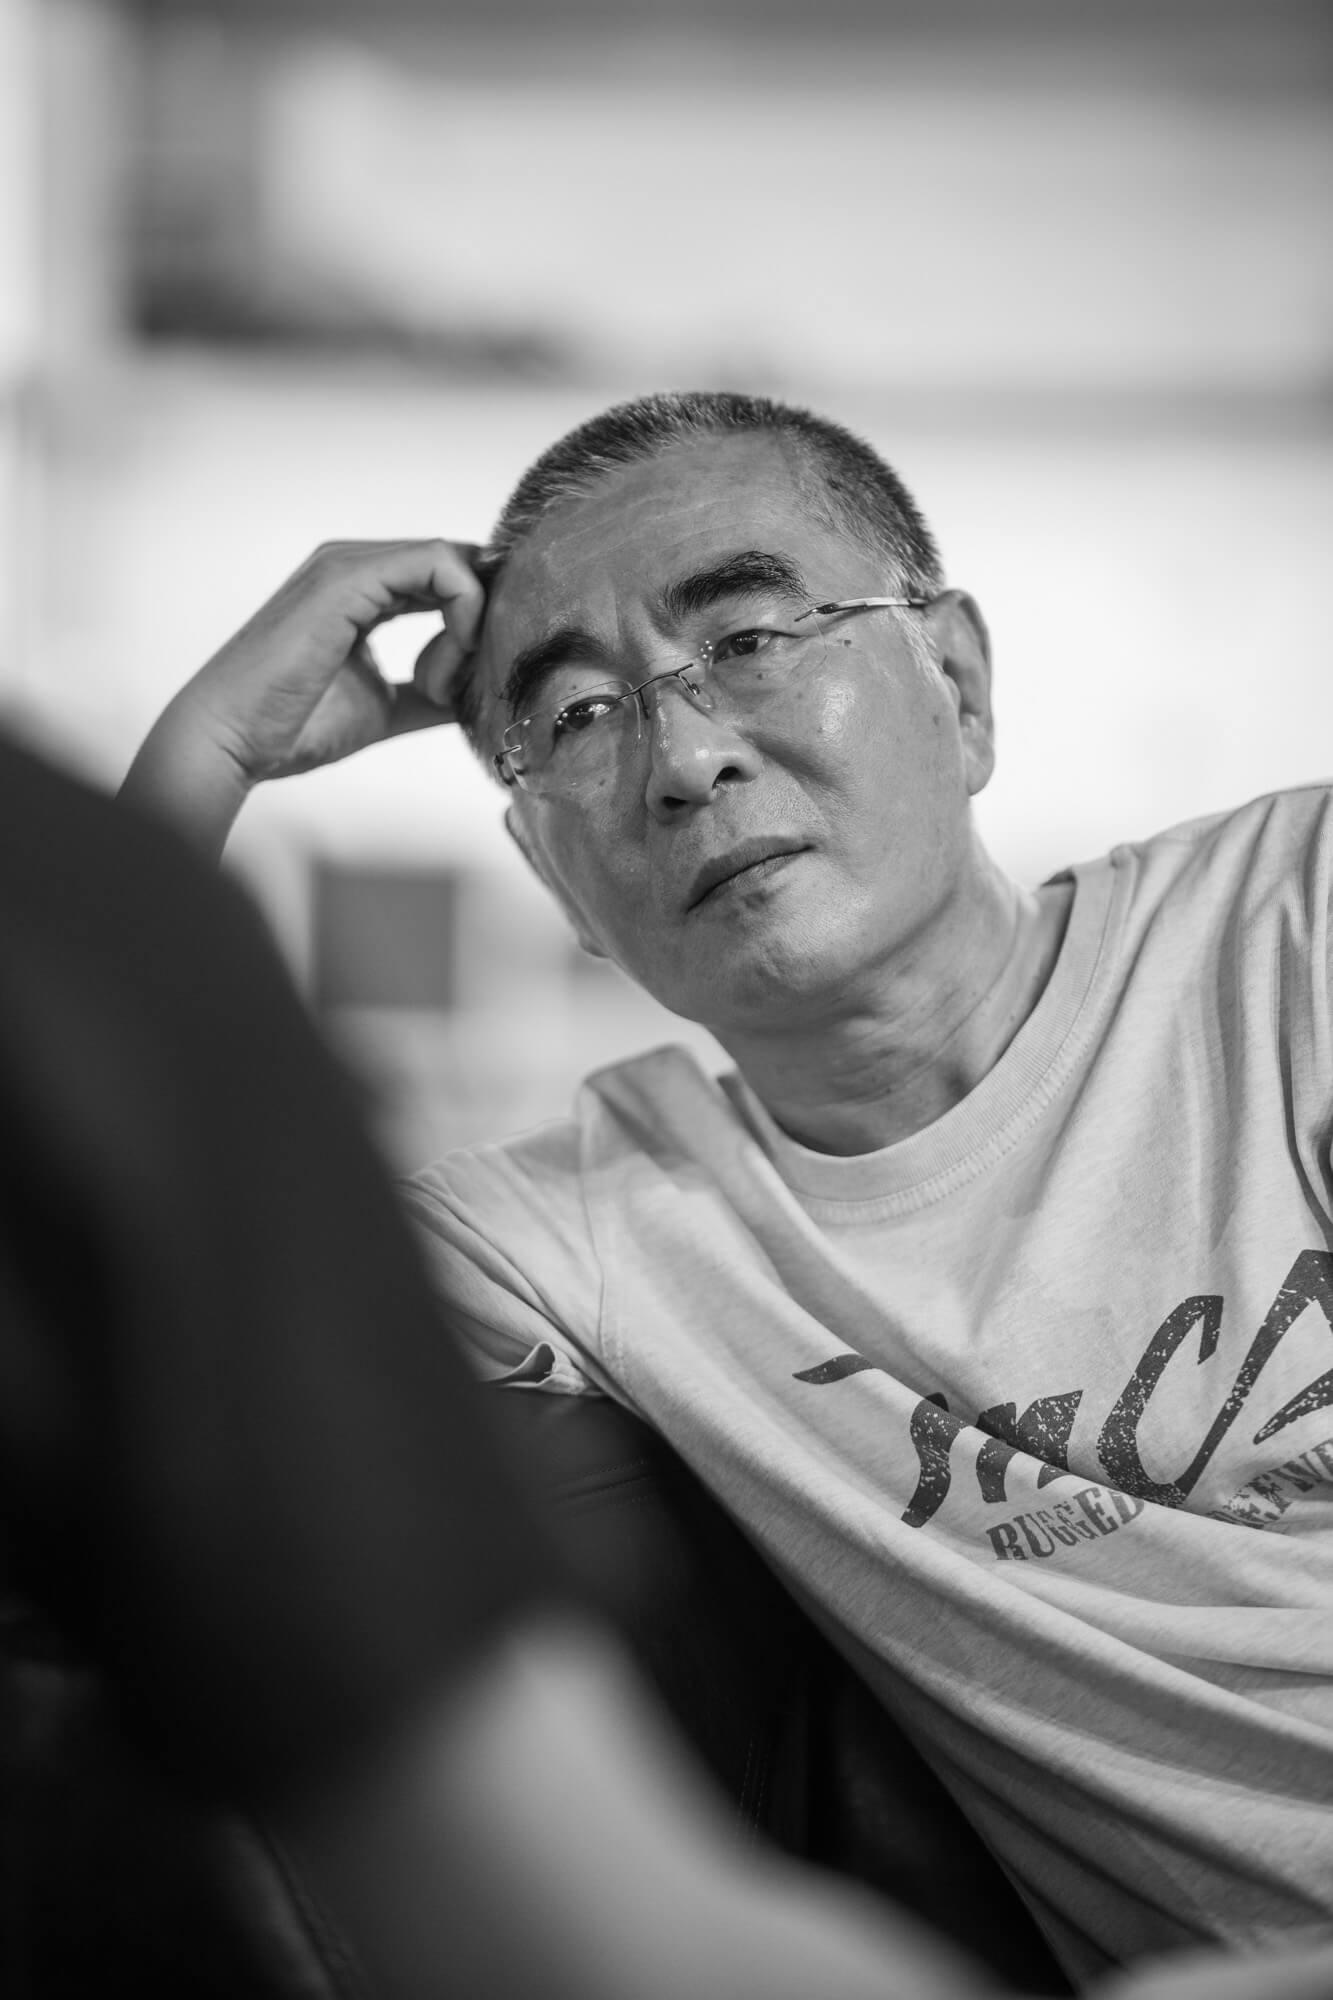 In Memoriam 周其岳 Zhou, Qiyue (Fred Zhou), 1962 - 2020